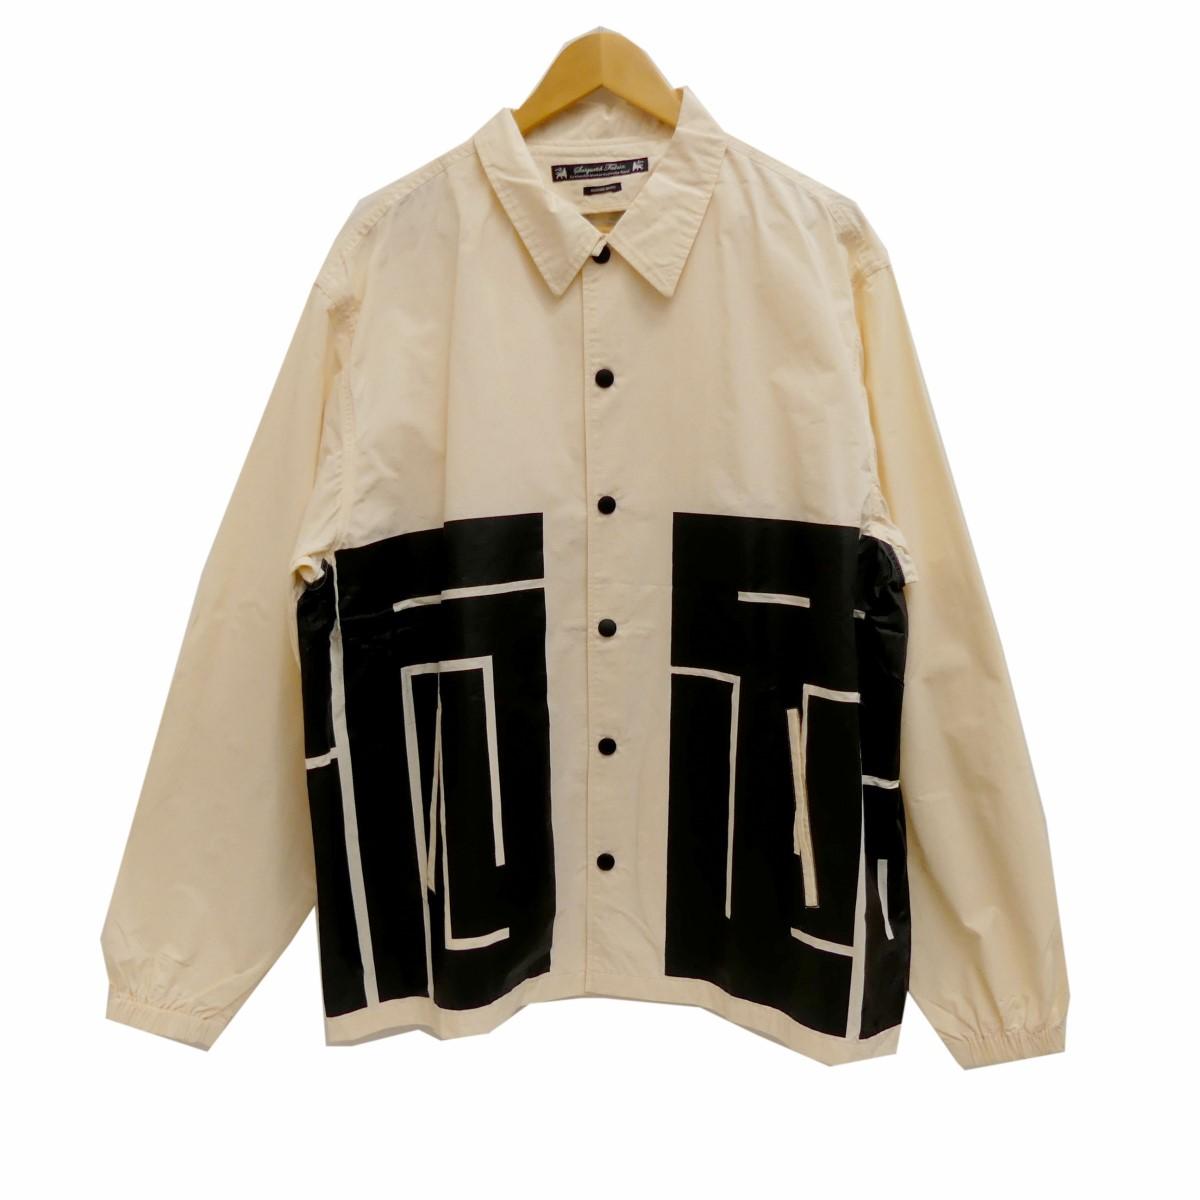 【中古】SASQUATCHfabrix.15SS HANTEN COACH JKT コーチジャケット オフホワイト サイズ:L 【5月14日見直し】